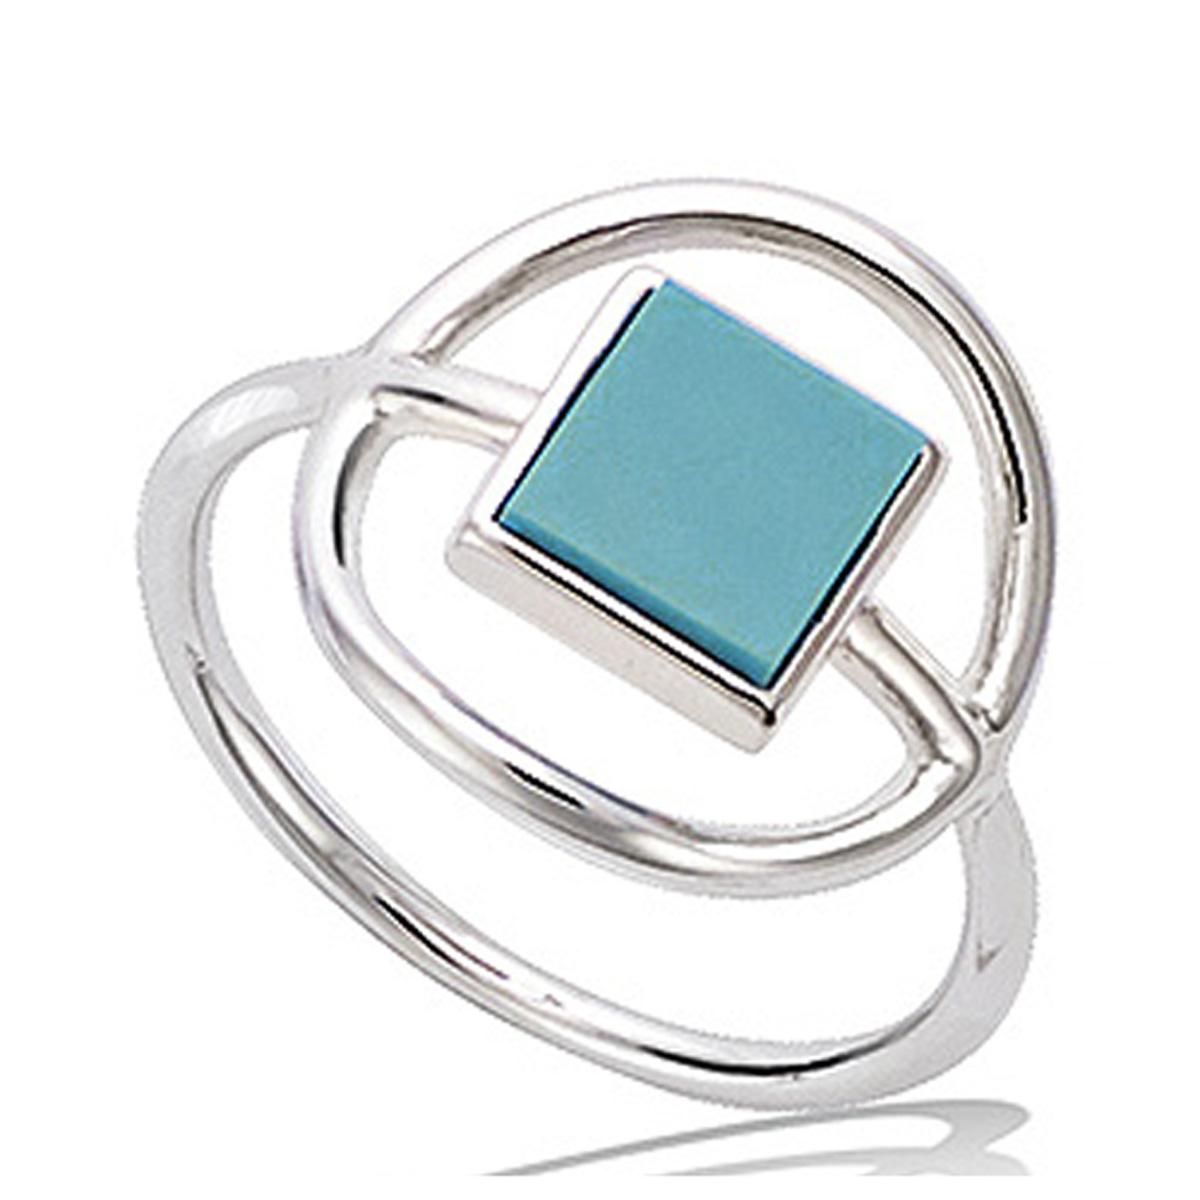 Bague Argent \'Boho\' turquoise argenté (rhodié) - 14 mm - [P7994]